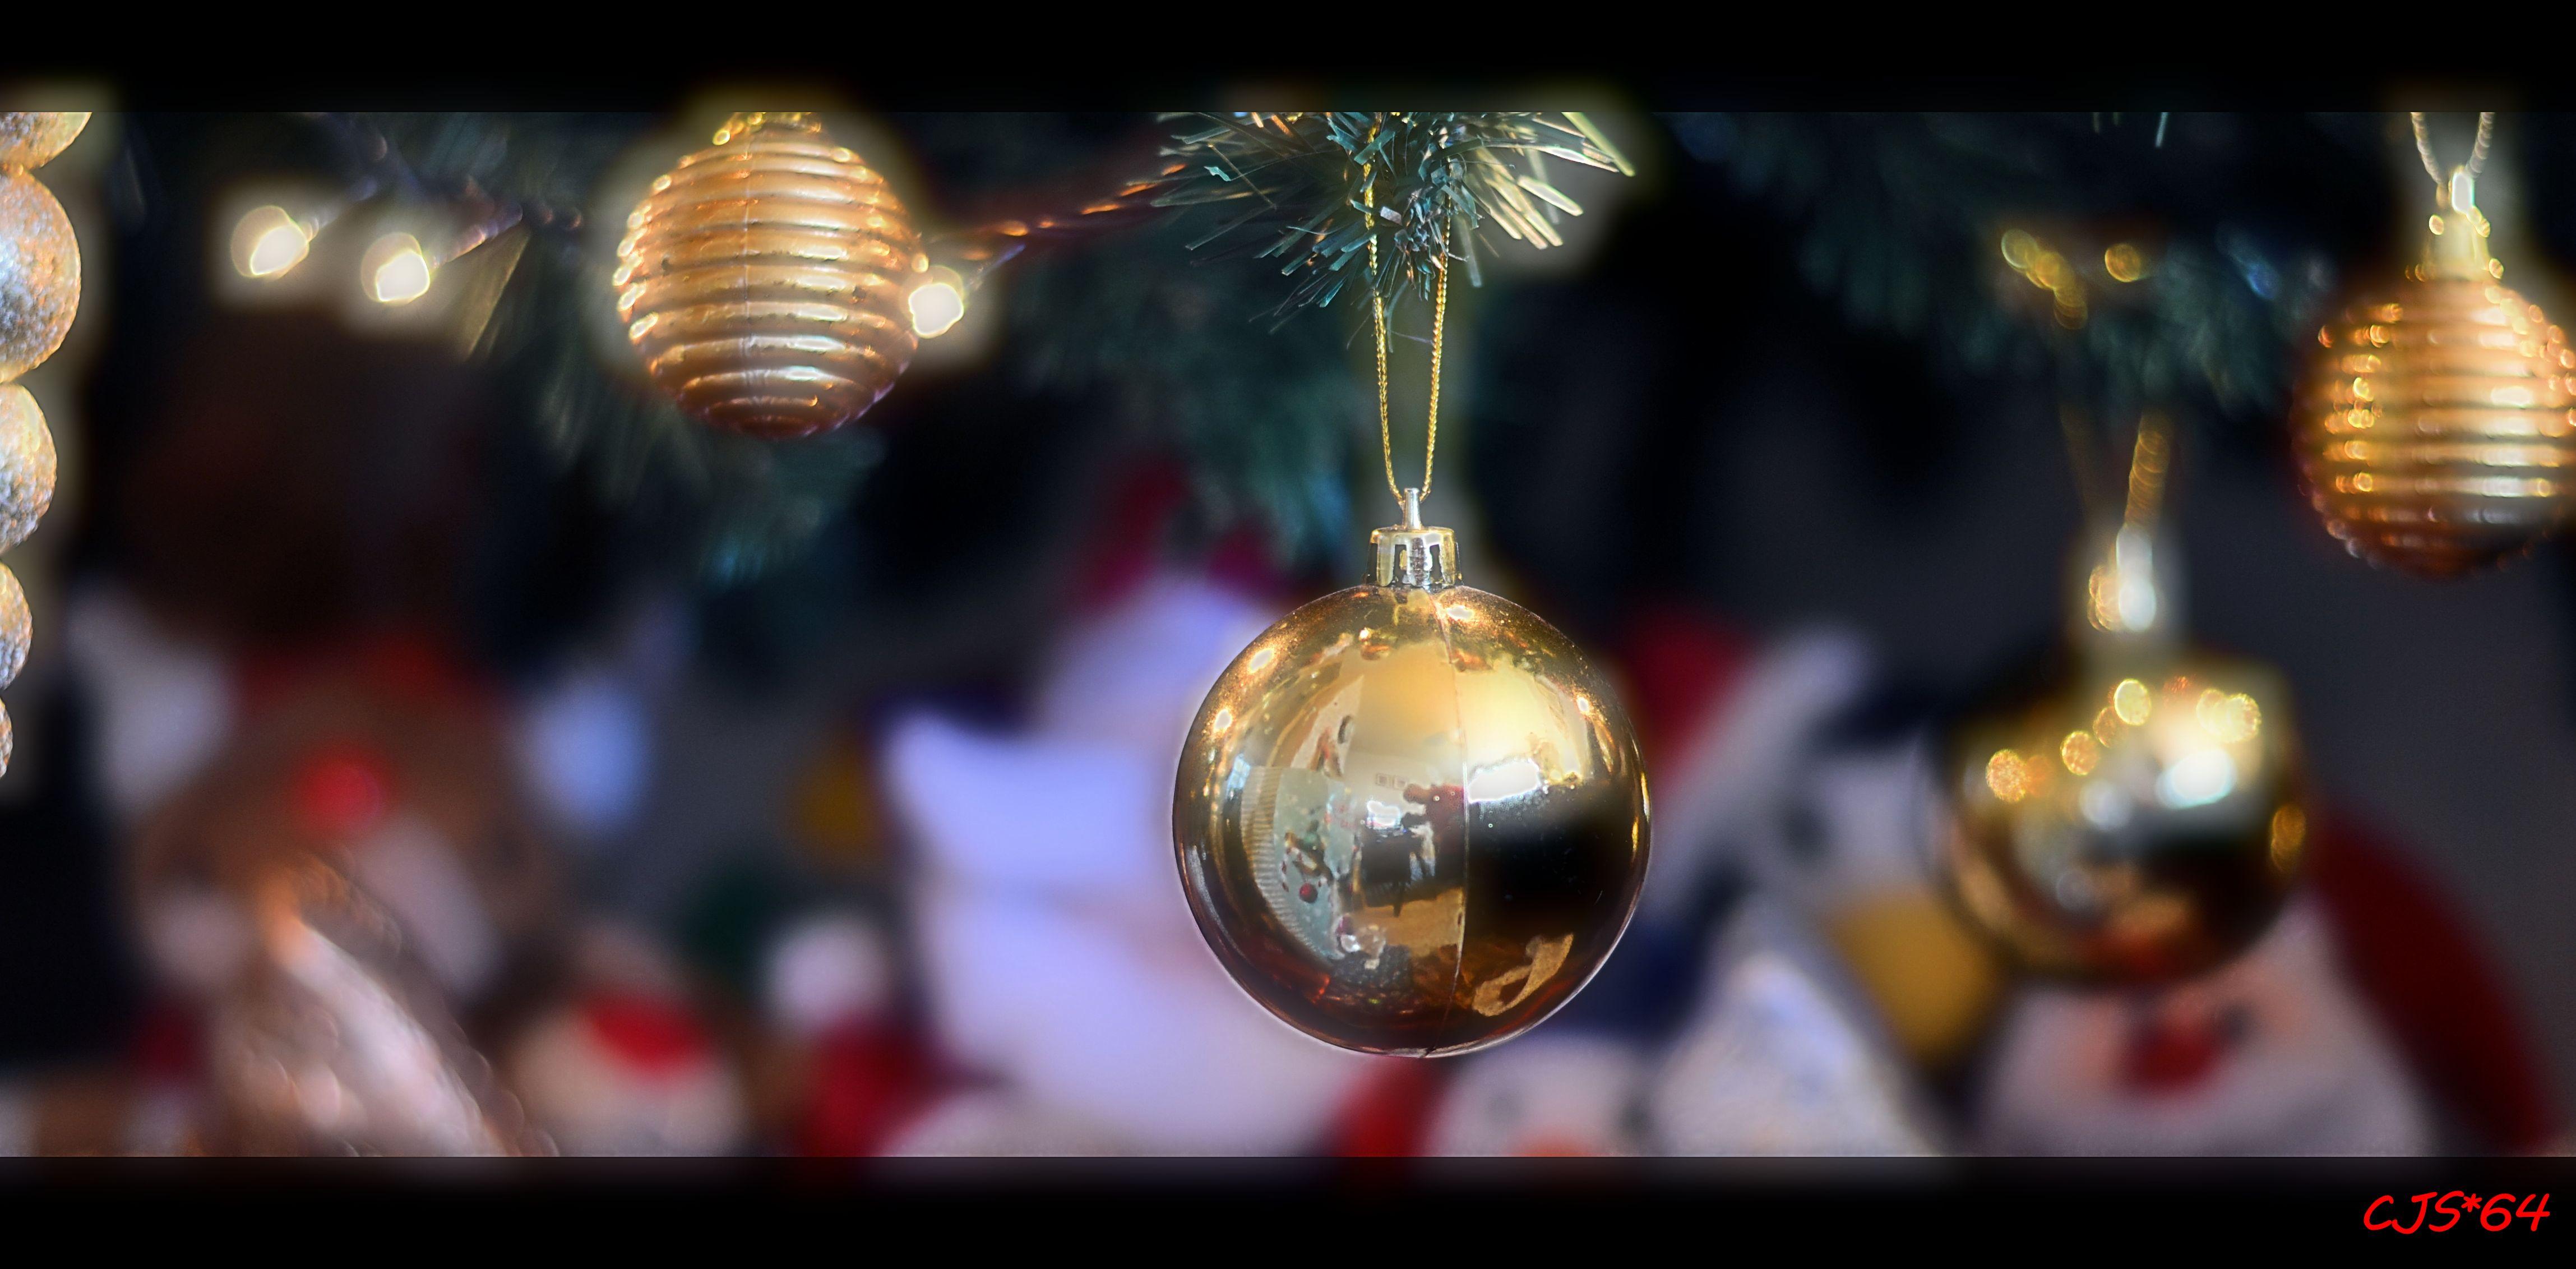 Hintergrundbilder Frohe Weihnachten.Hintergrundbilder Nikon Event Beleuchtung Farbe